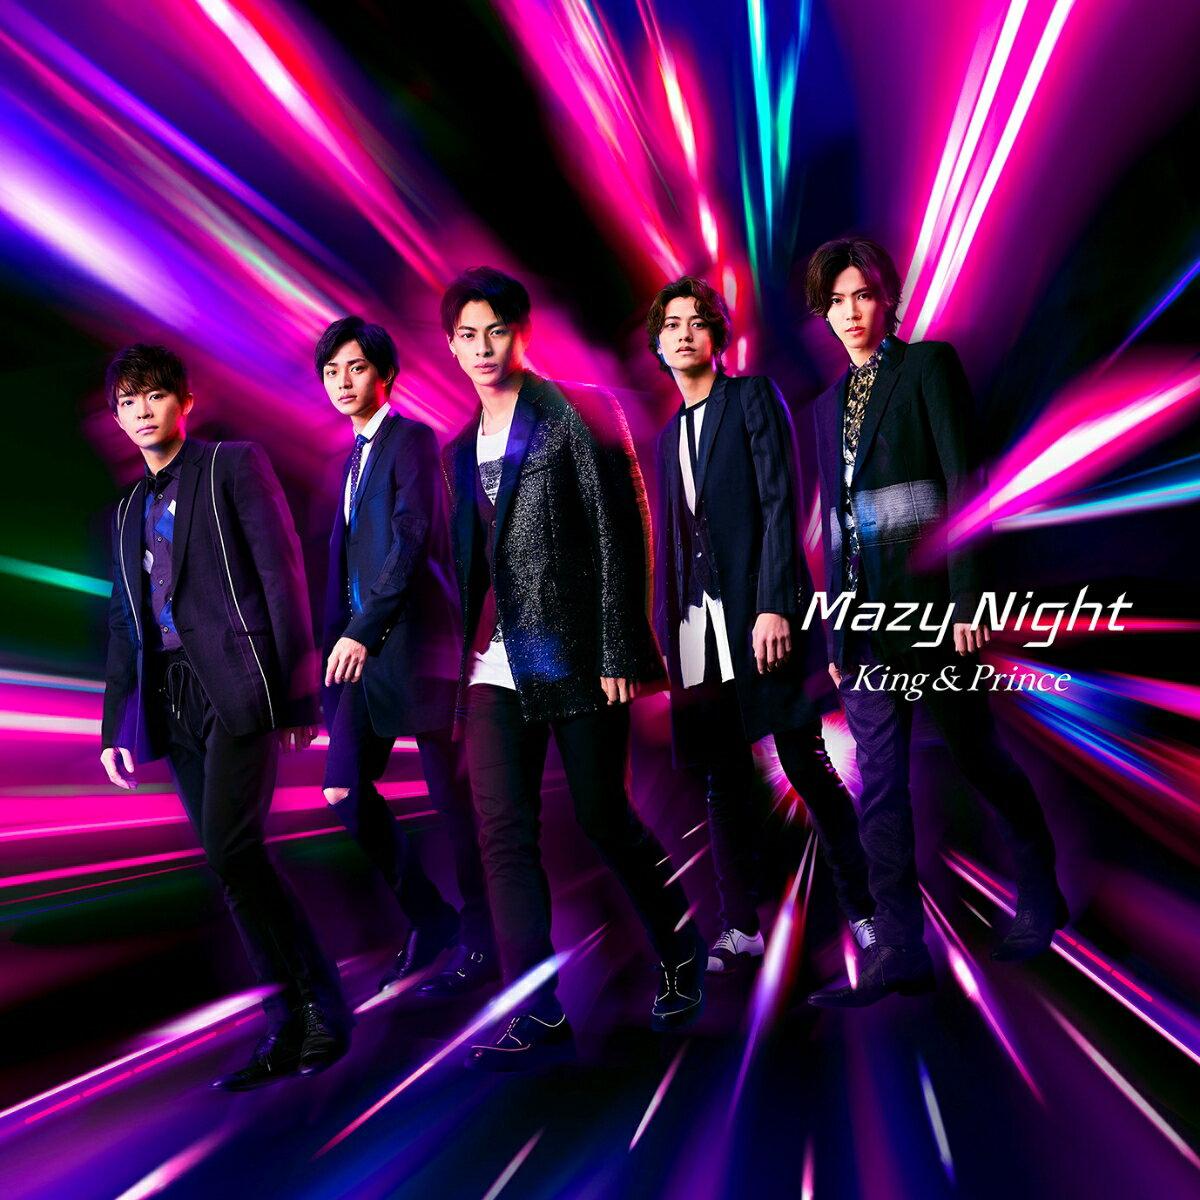 邦楽, ロック・ポップス Mazy Night (A CDDVD) King Prince